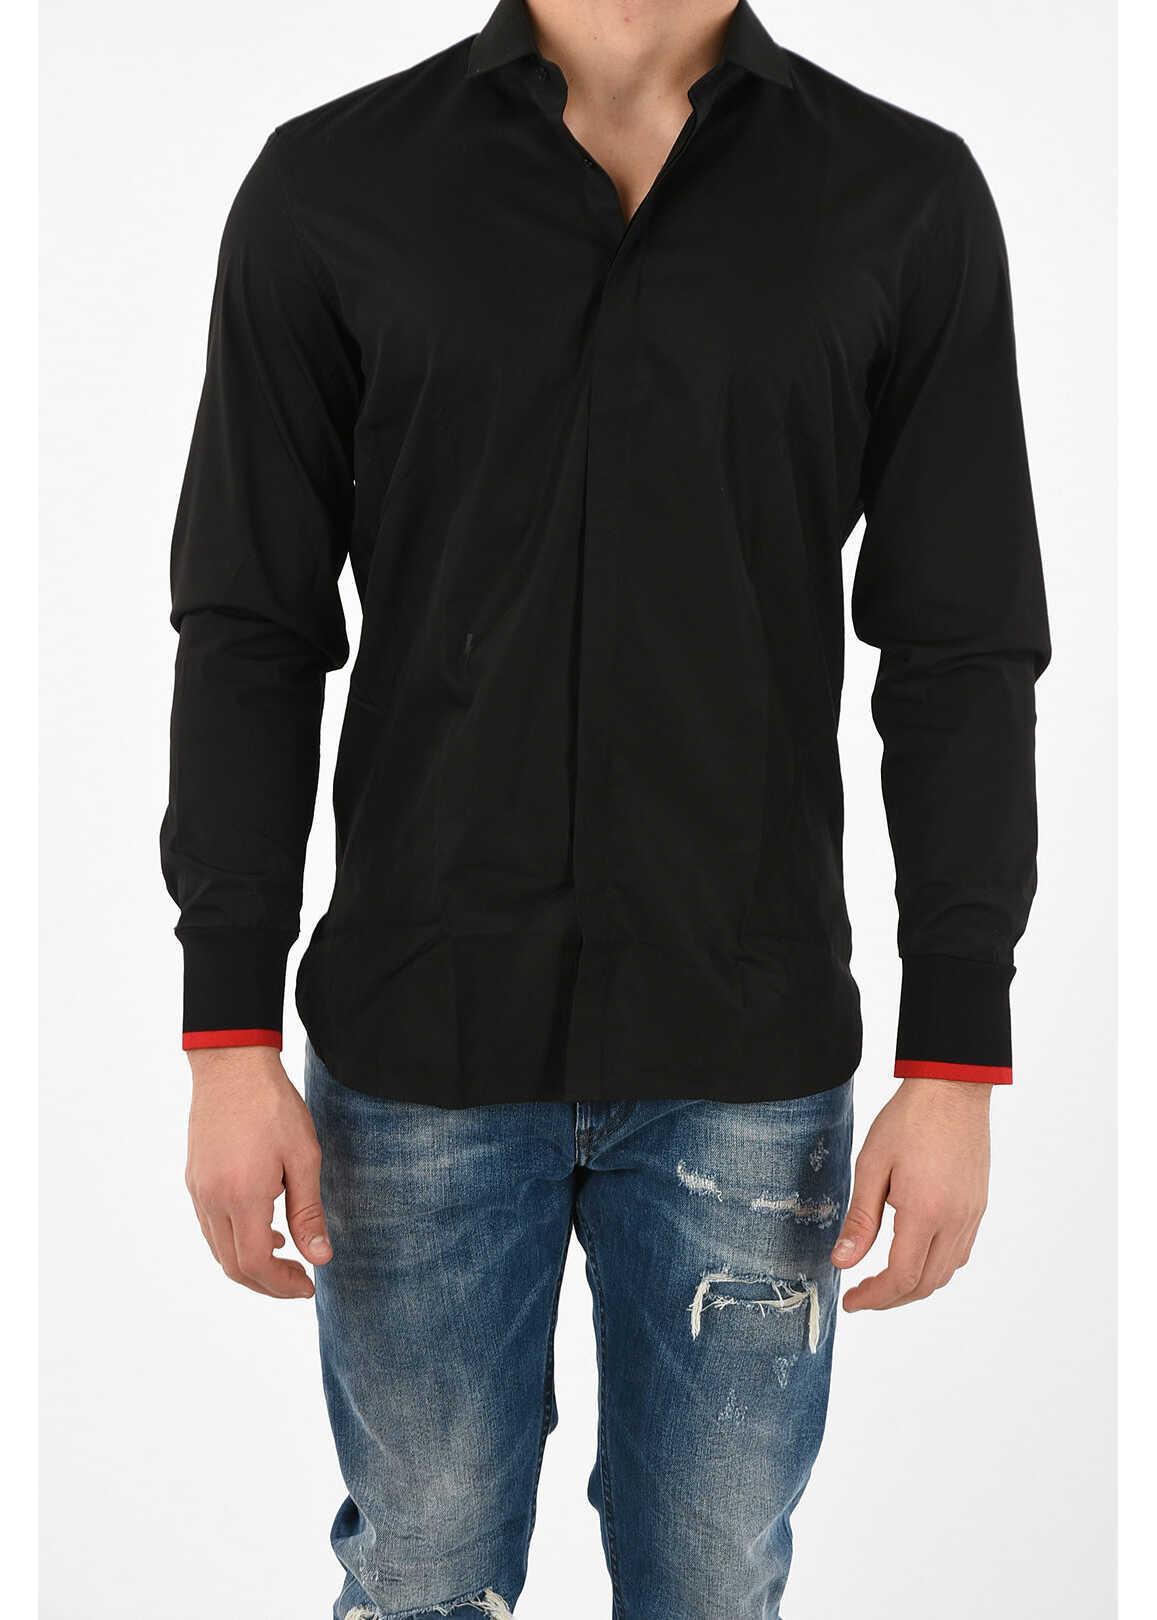 Neil Barrett Contrasting Cuff Slim Fit Shirt BLACK imagine